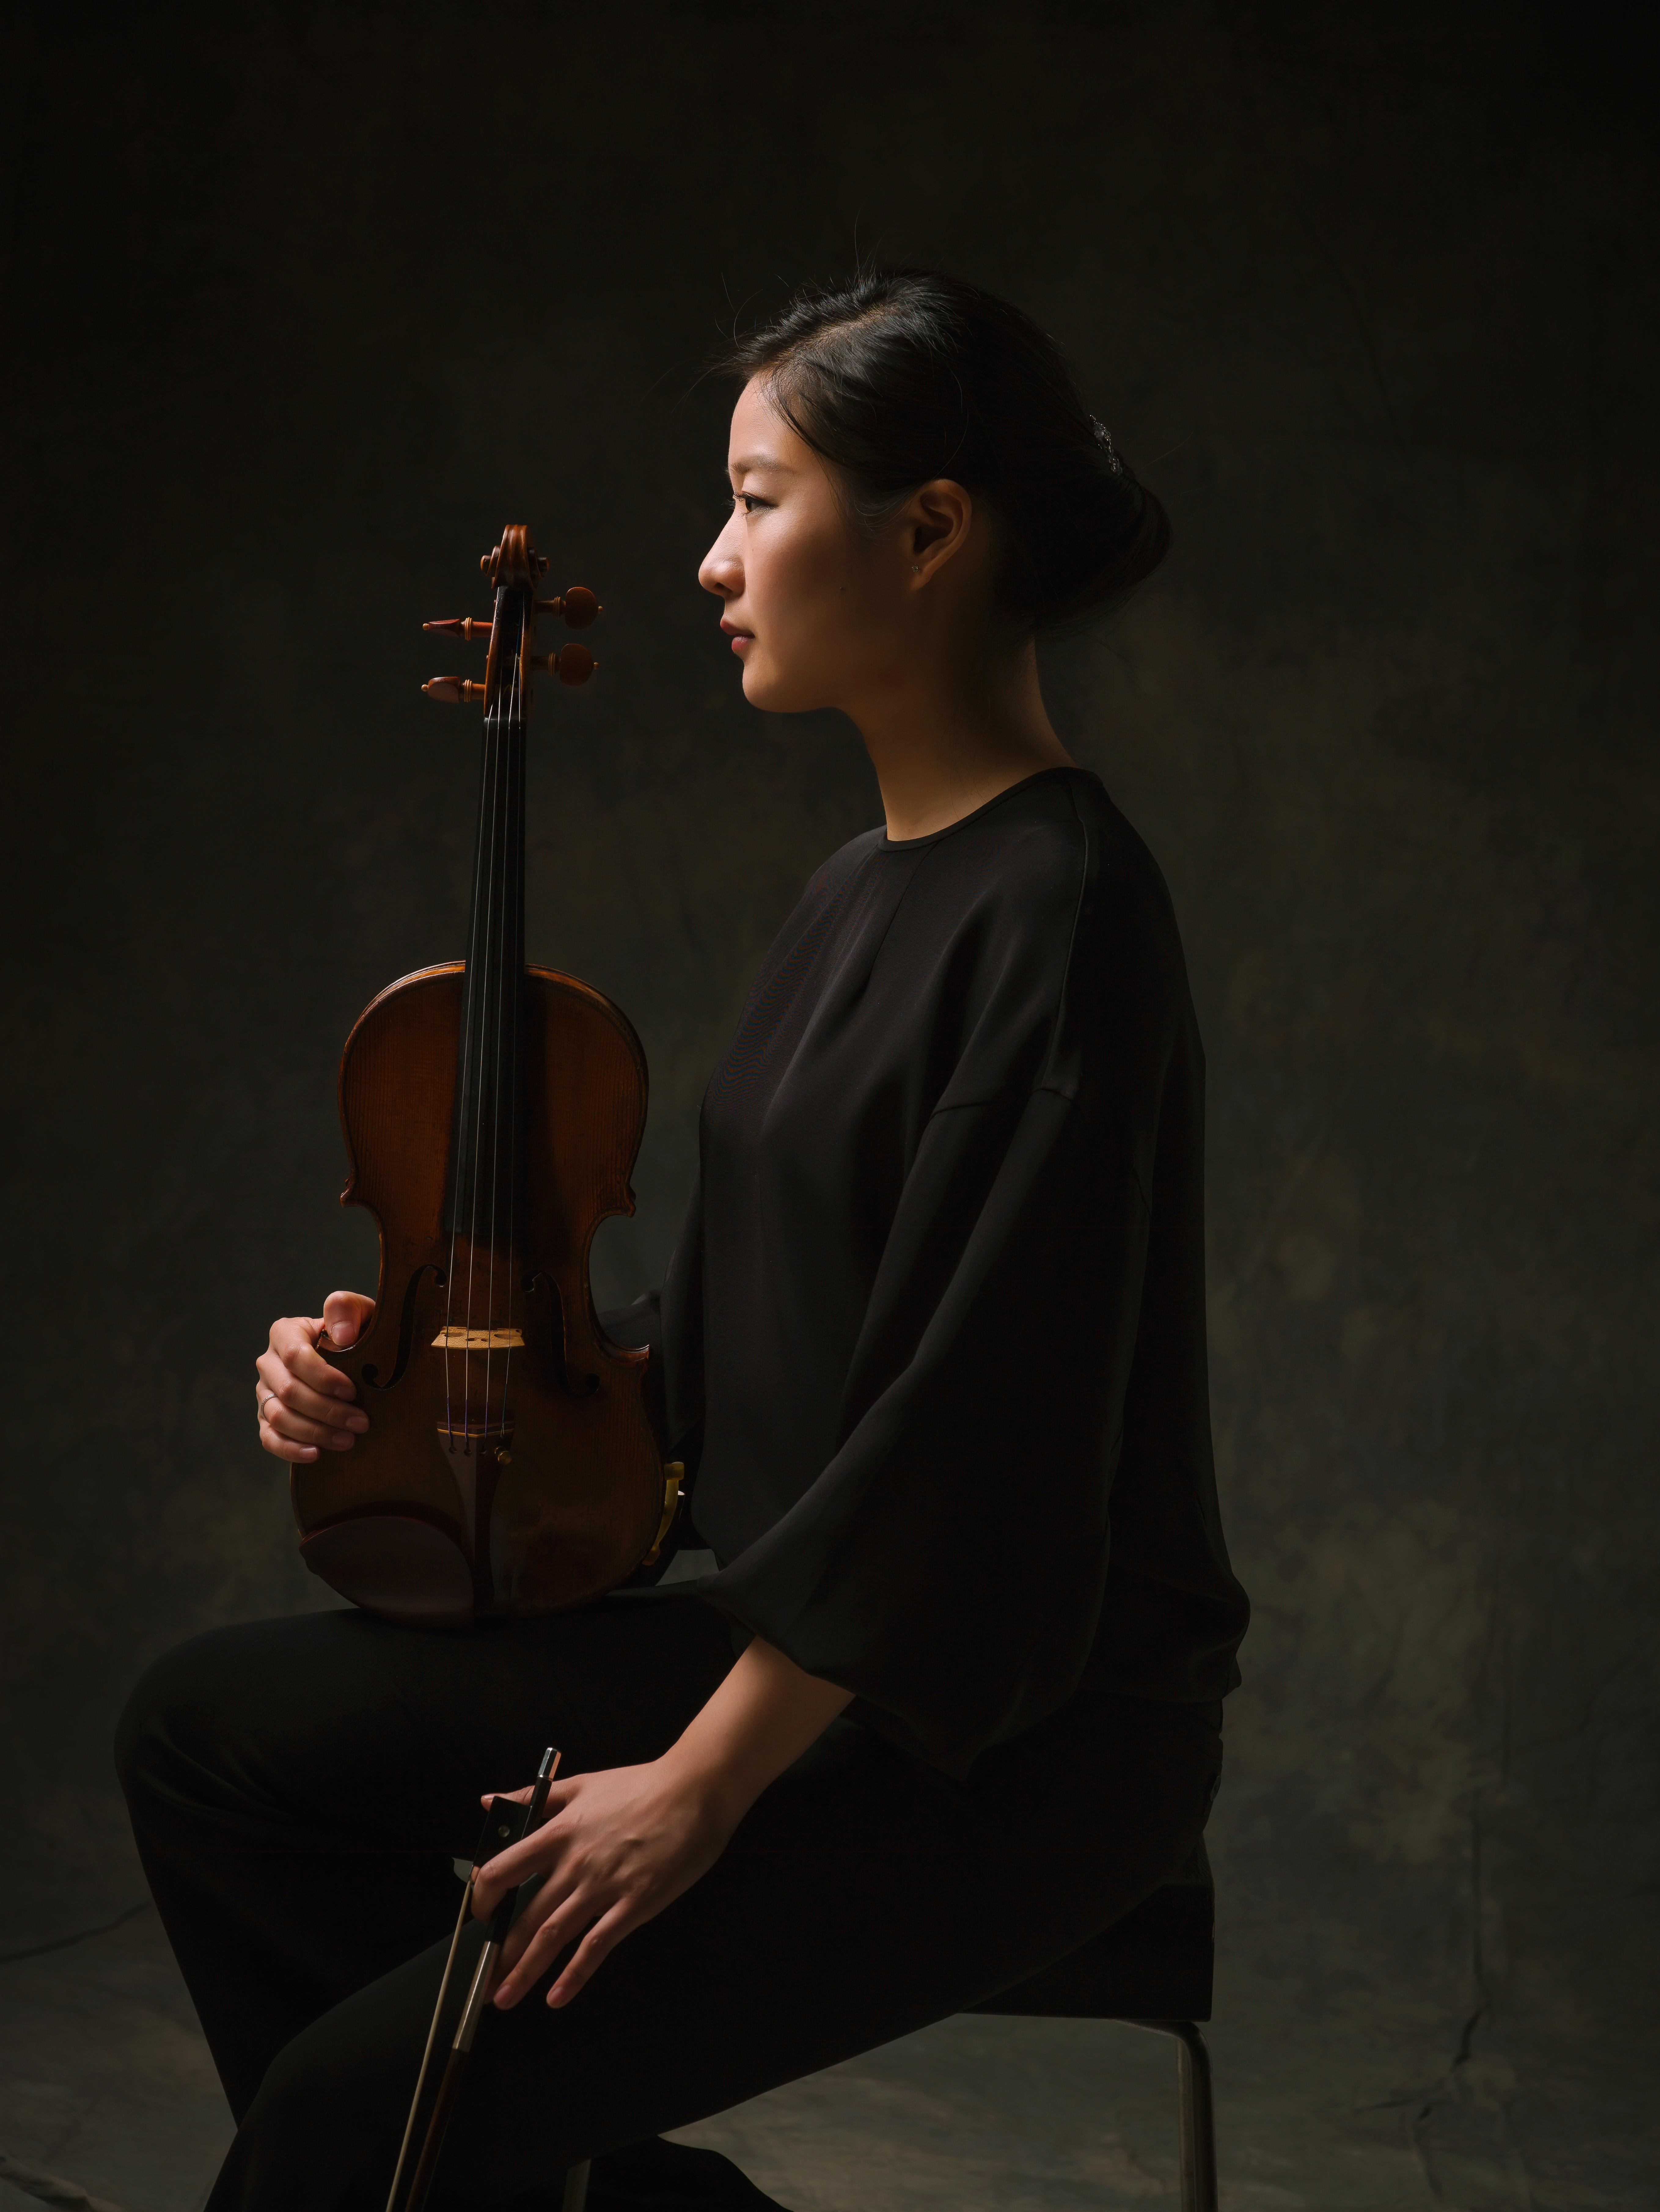 Ning Fang Liang